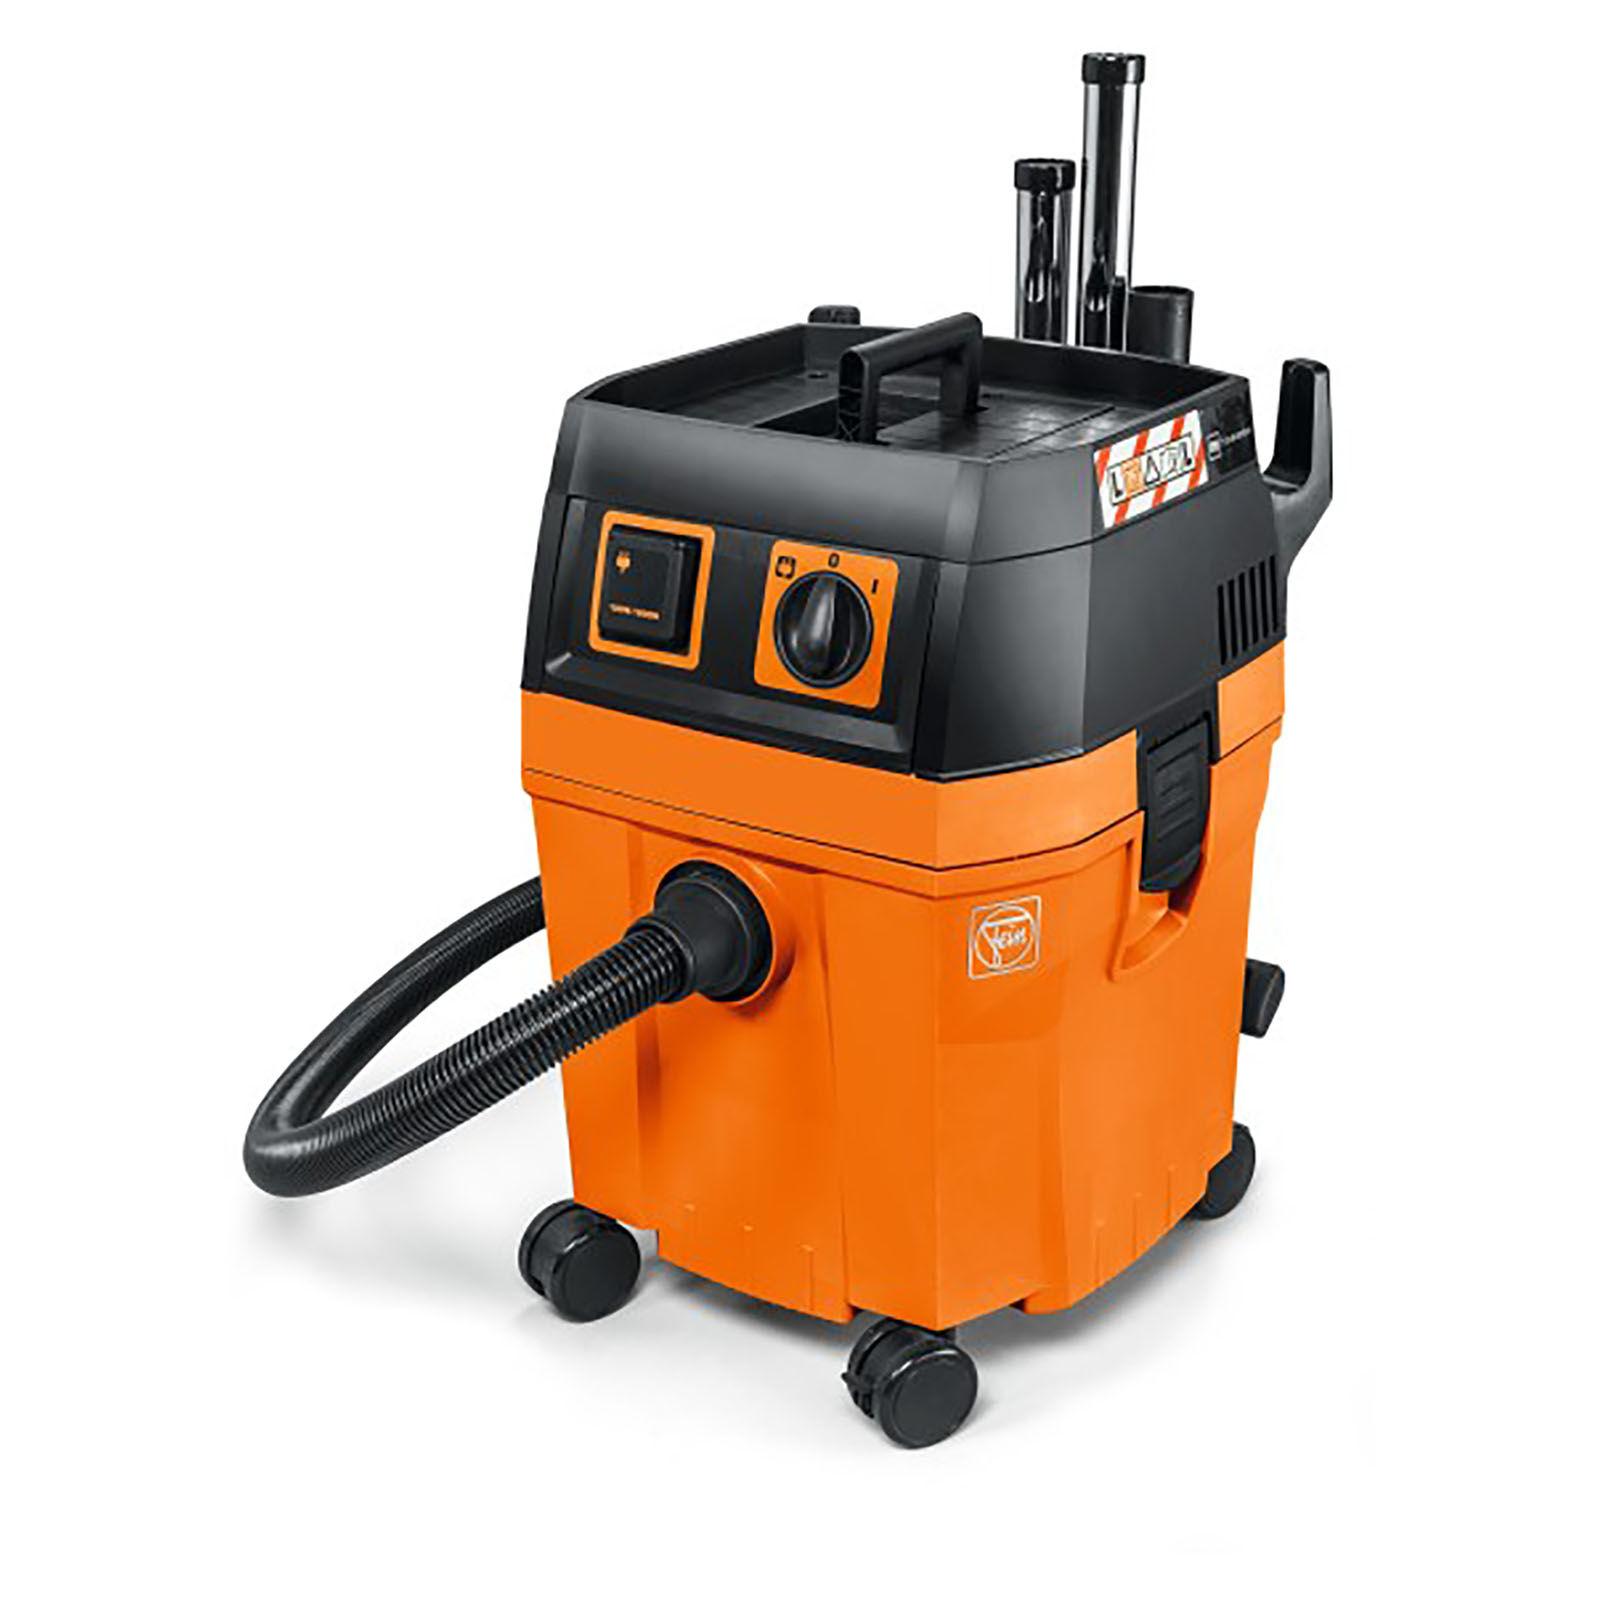 FEIN Nass- / Trockensauger Dustex 35 L Set 10160026